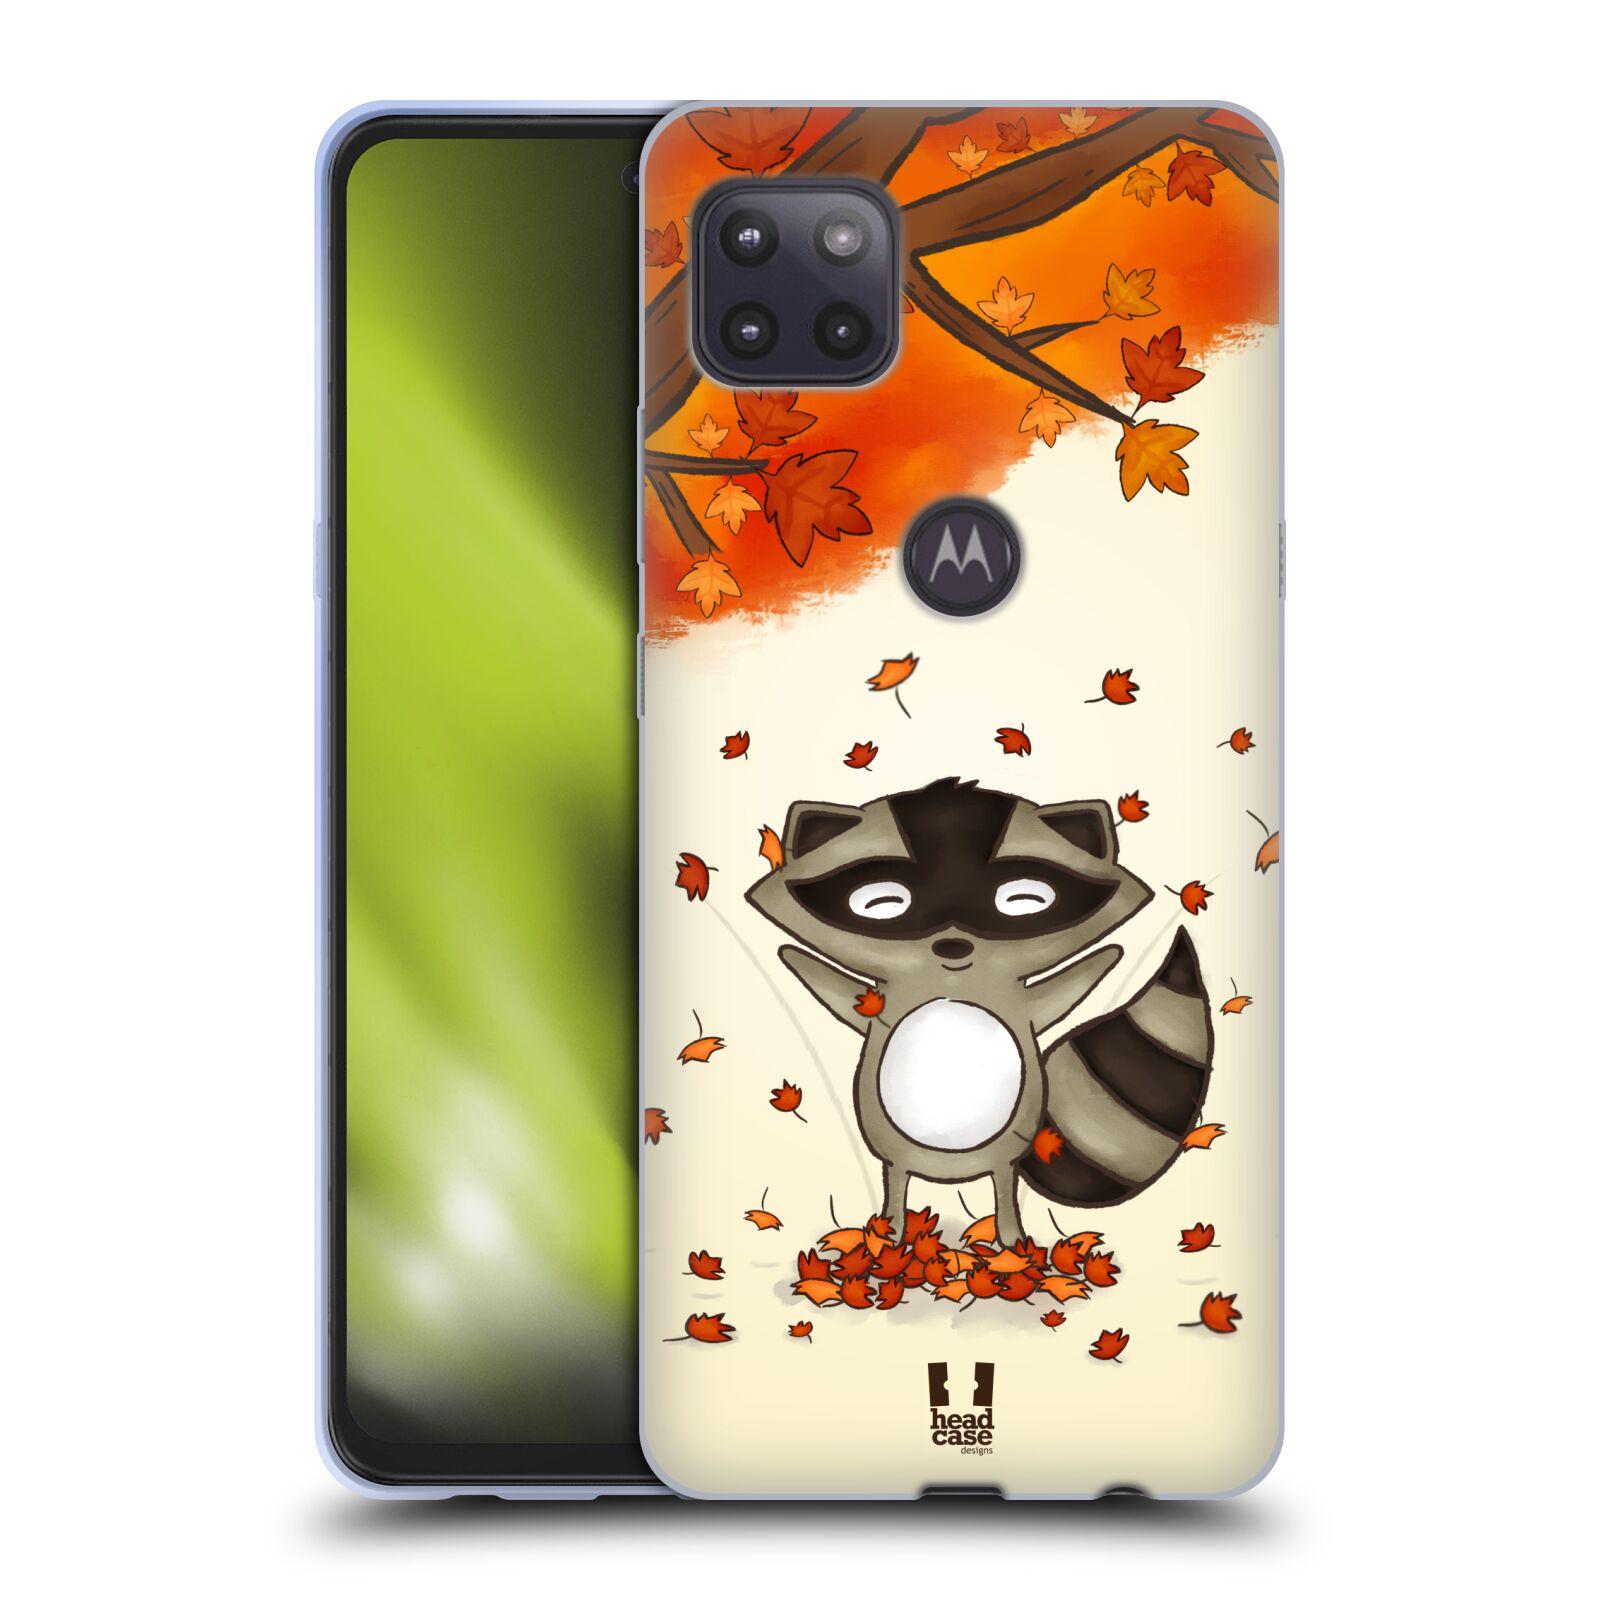 Silikonové pouzdro na mobil Motorola Moto G 5G - Head Case - PODZIMNÍ MÝVAL